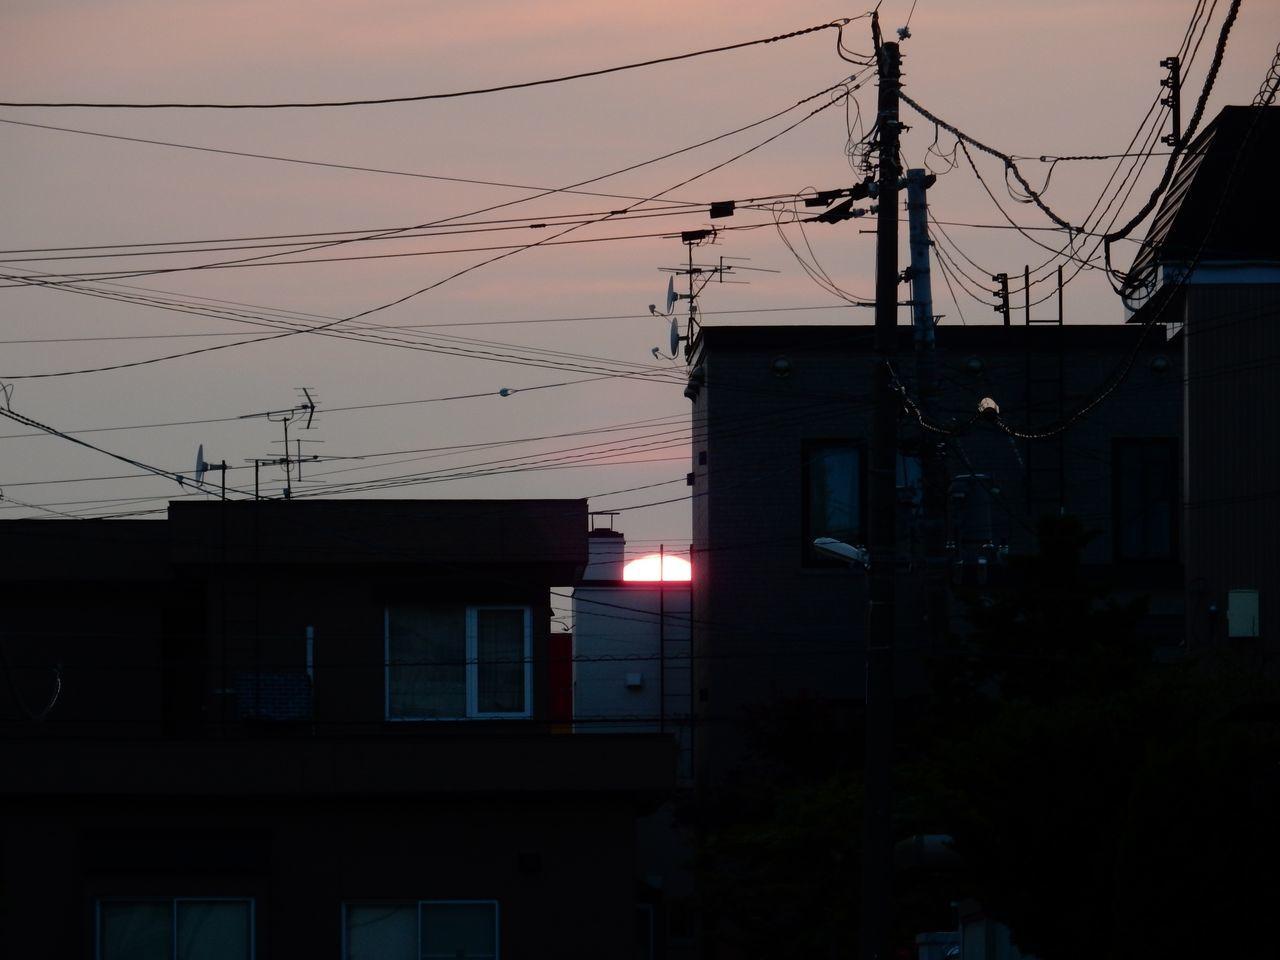 気温は夏_c0025115_23032995.jpg